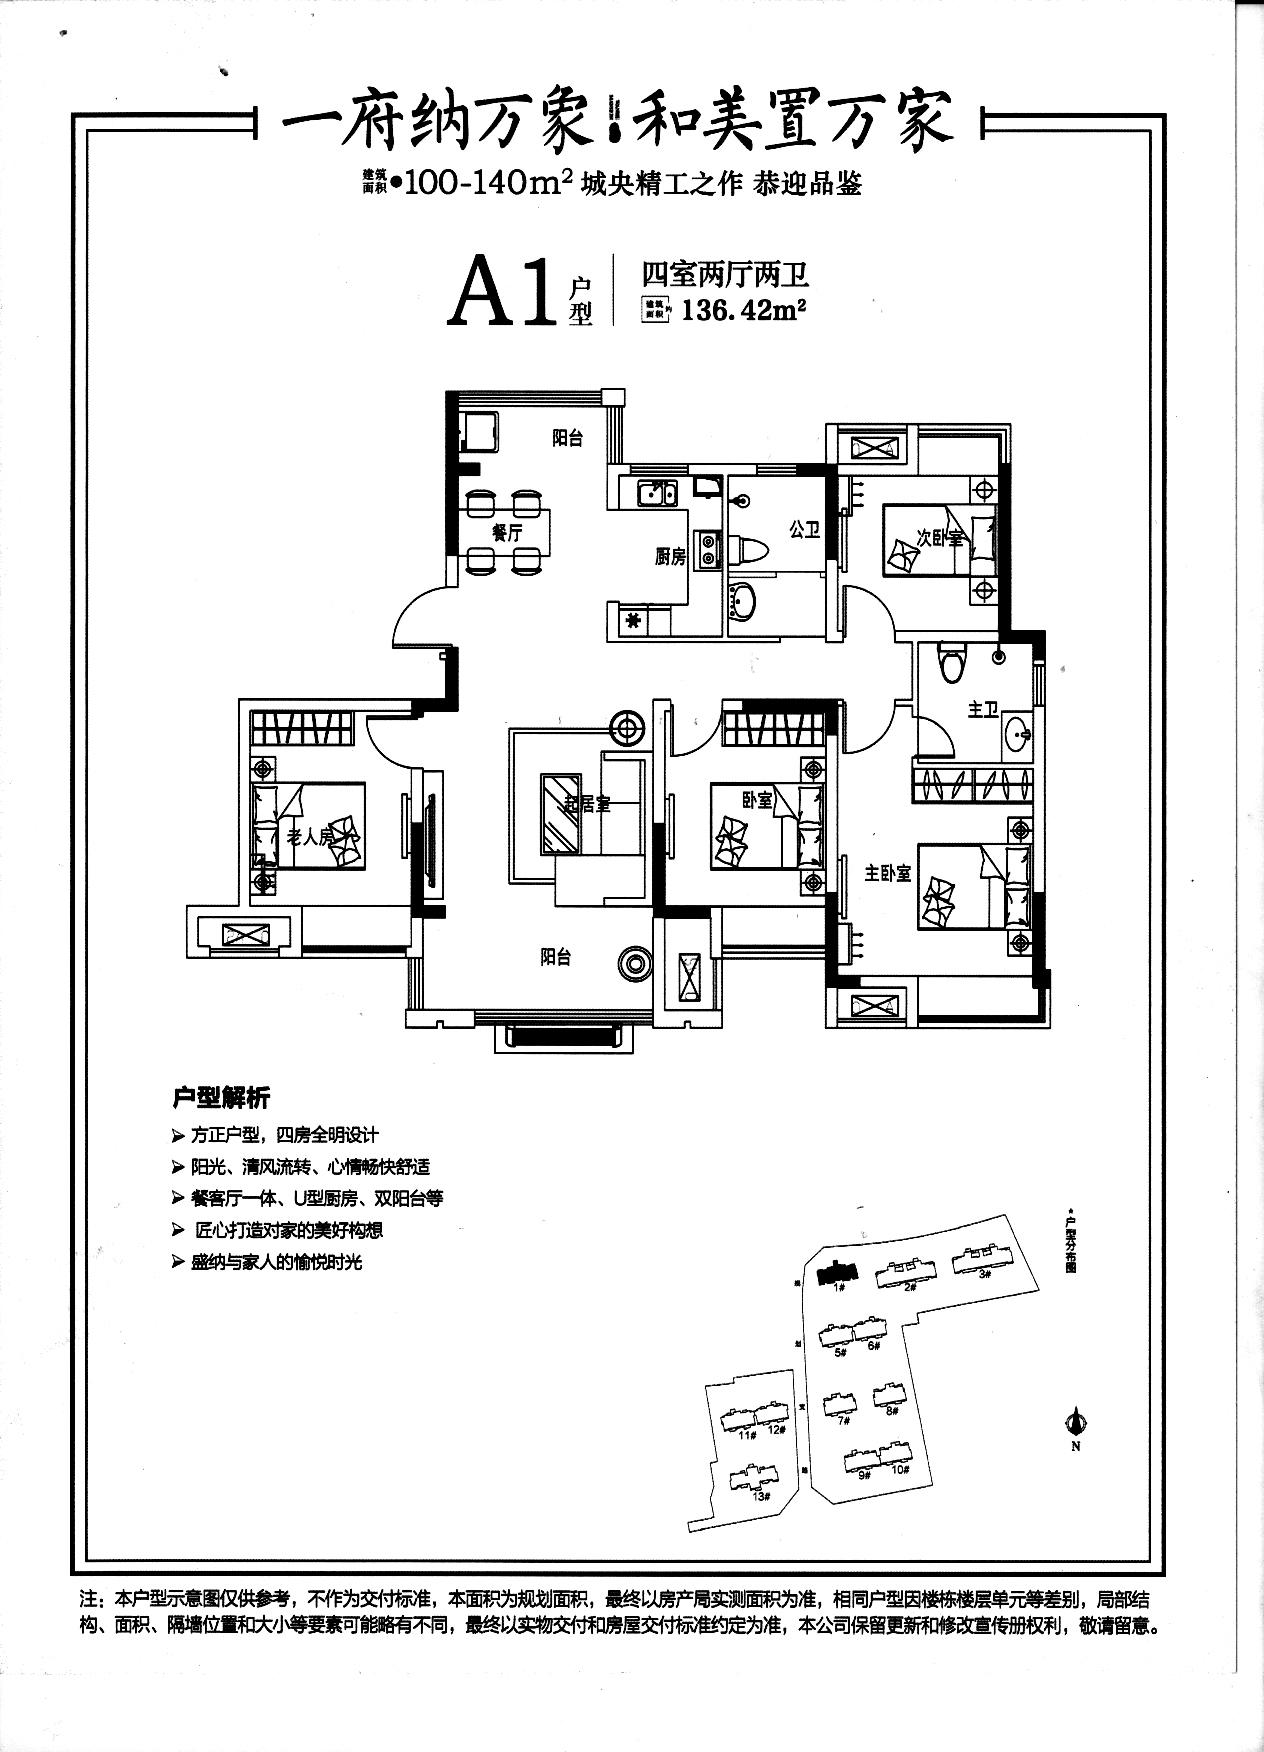 安庆万和府136.42㎡四室两厅两卫A1户型